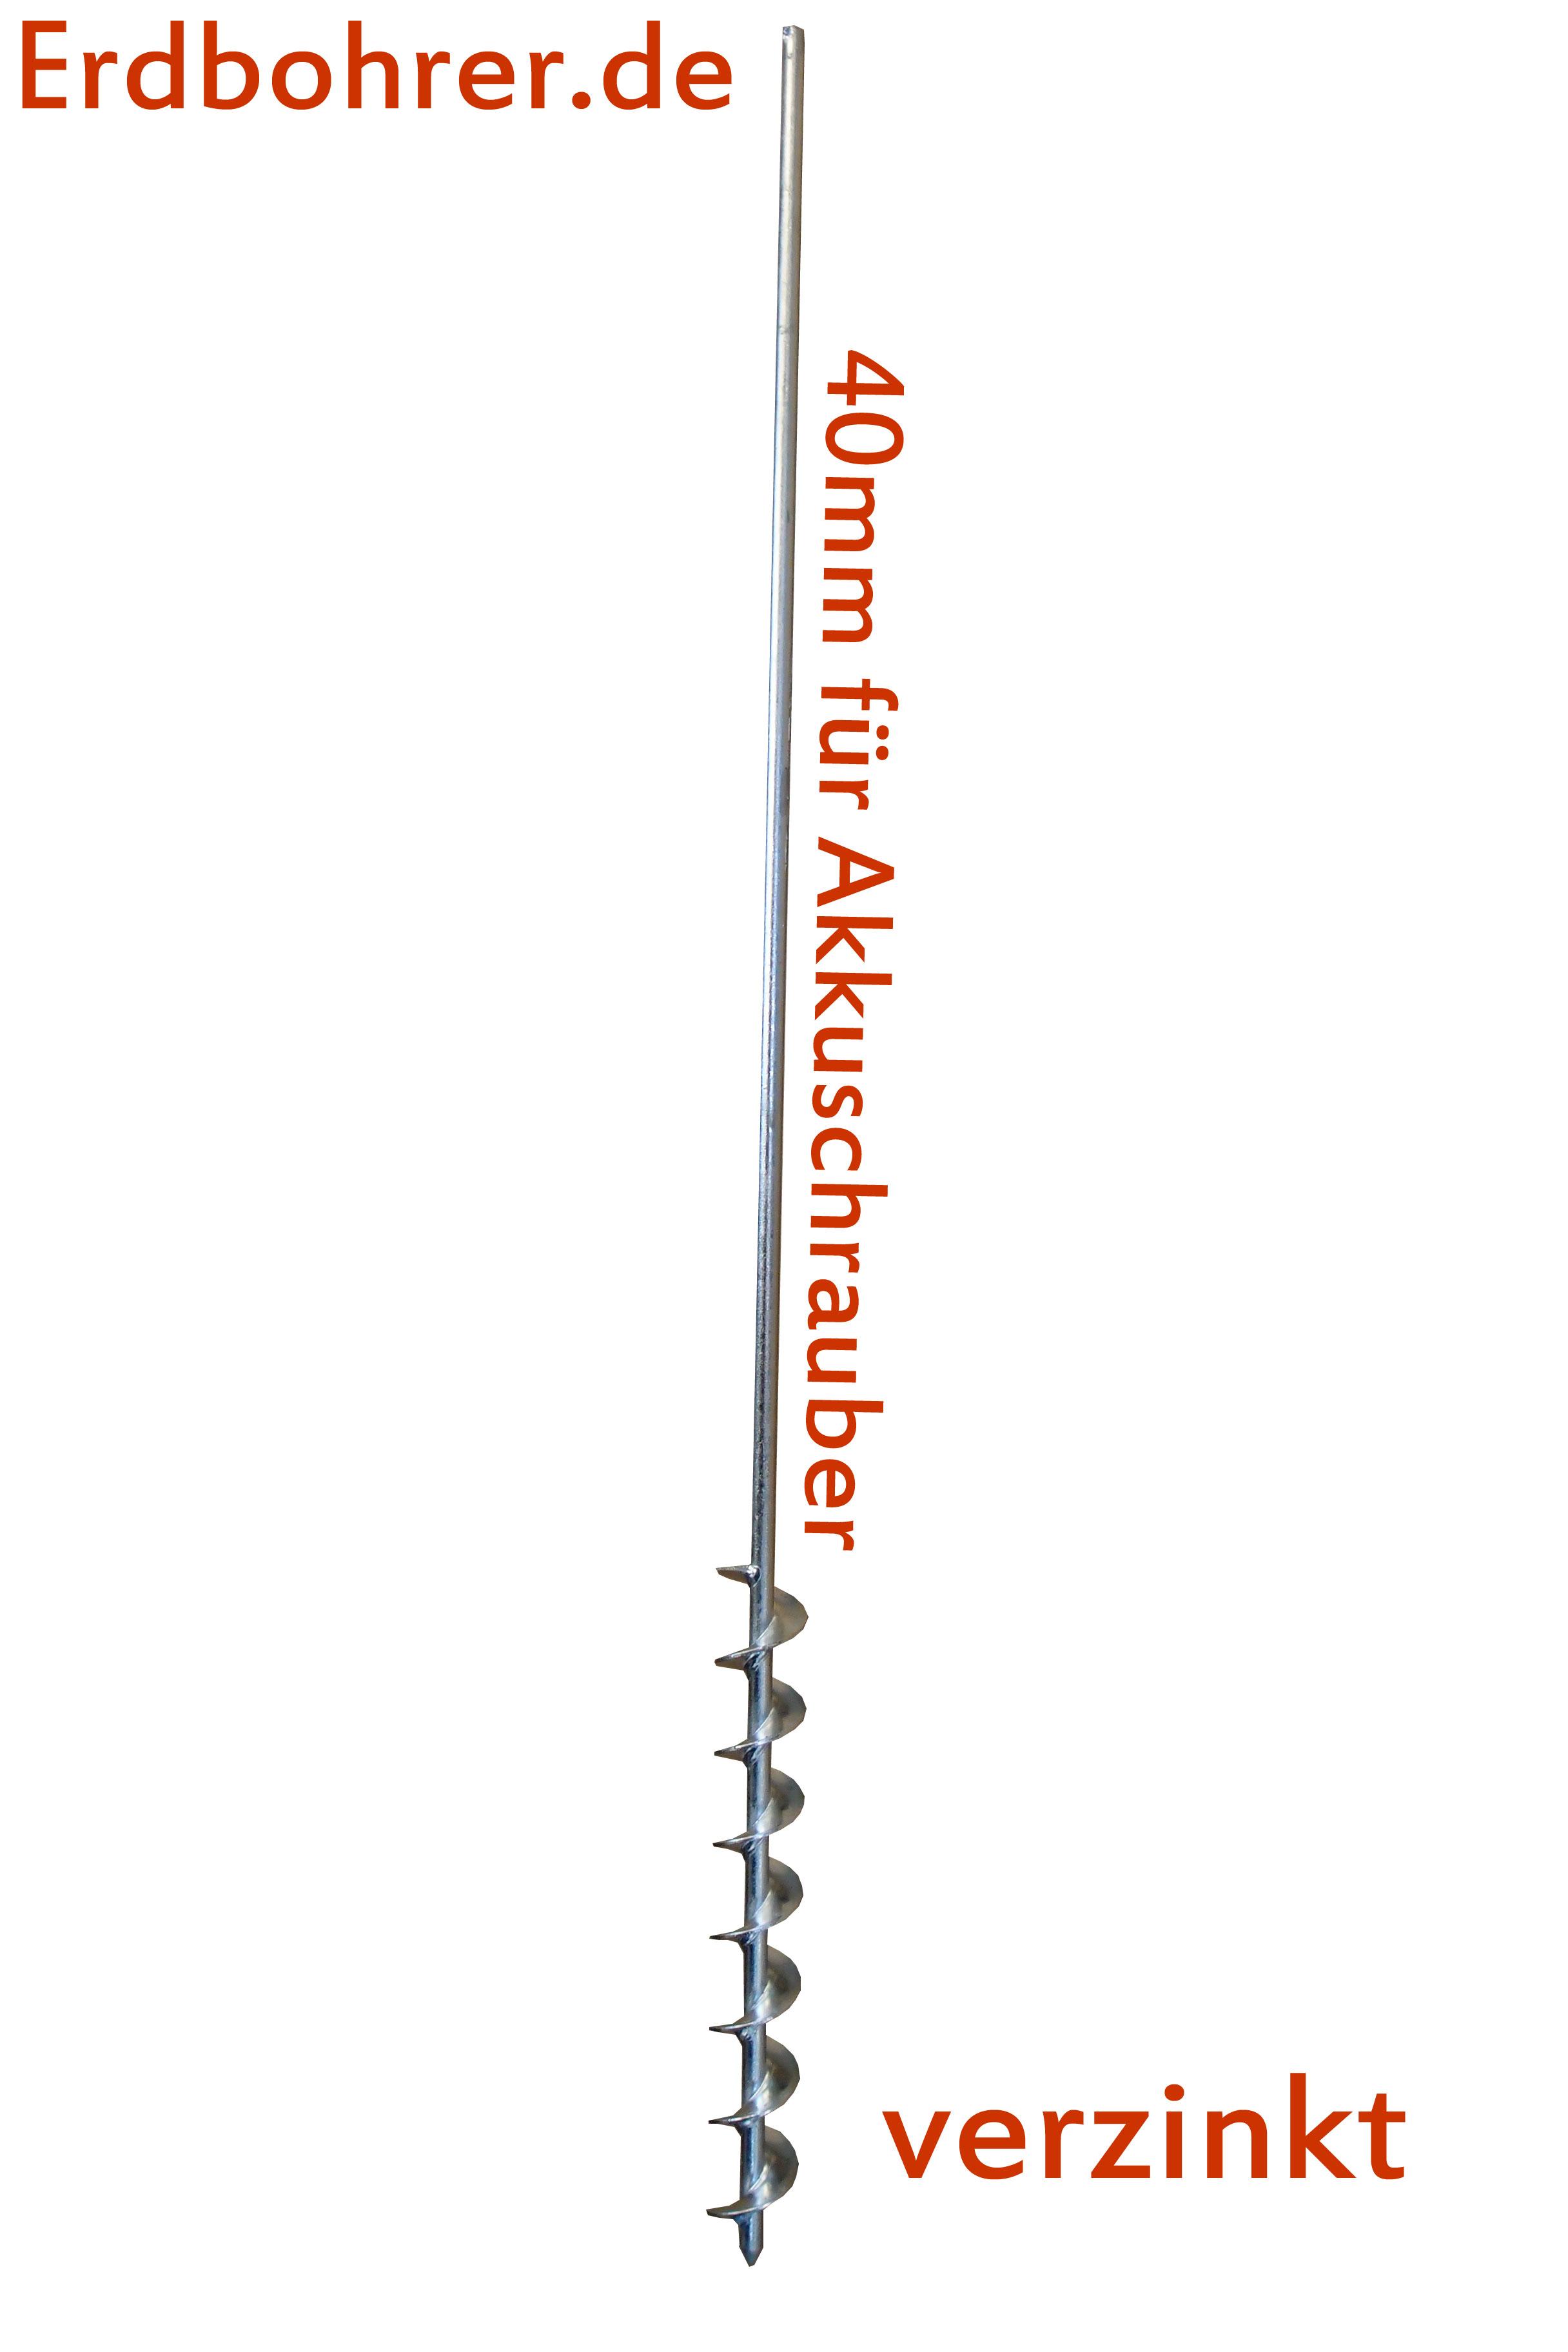 Erdbohrer 40 mm 4 cm - 1m für Akkuschrauber